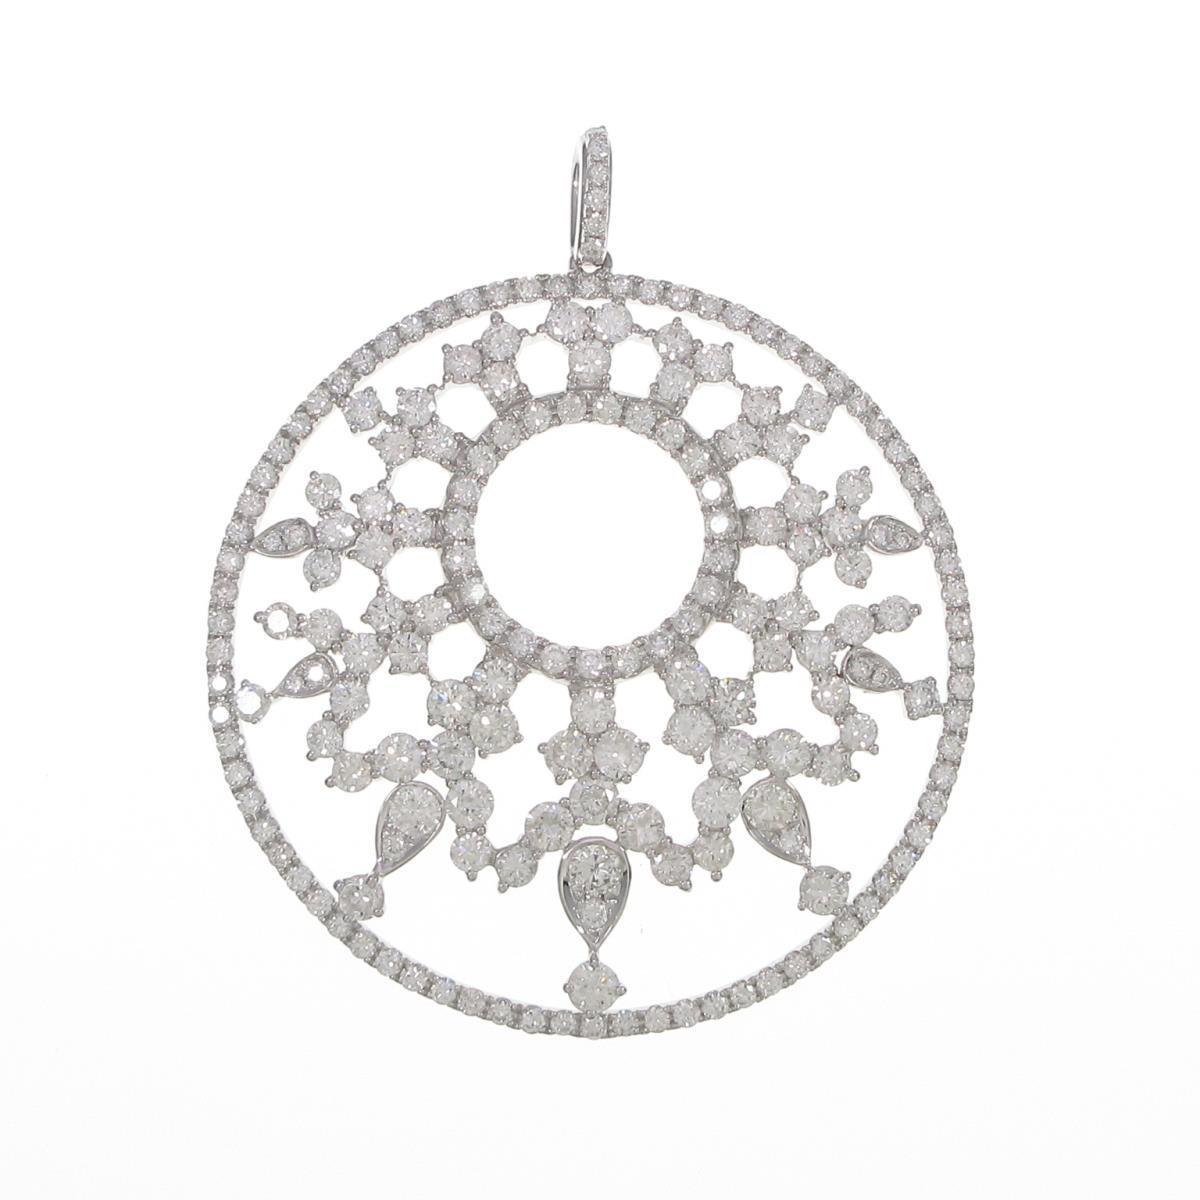 K18WG ダイヤモンドペンダント【中古】